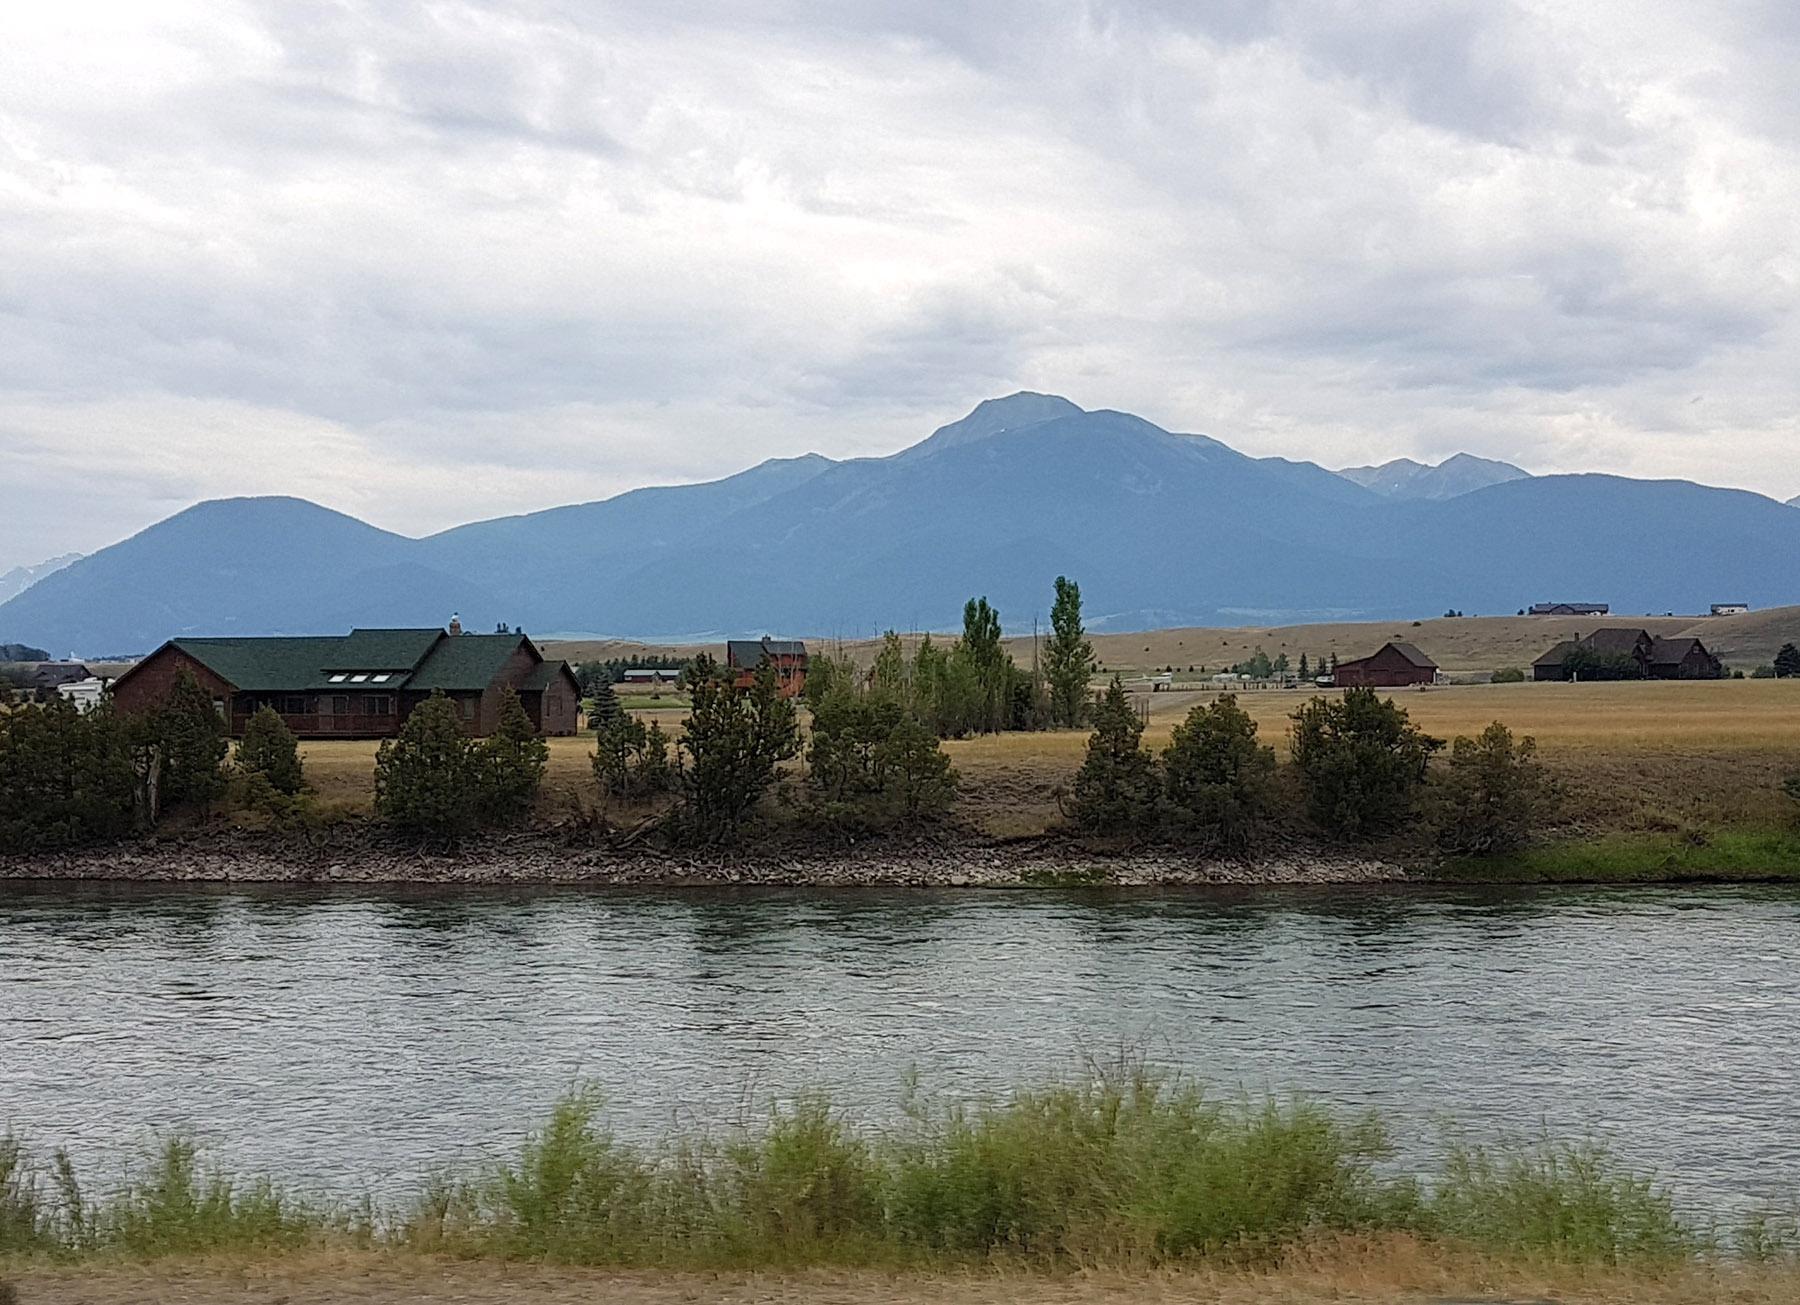 L'arrivée dans le Montana par la sortie nord du Parc Yellowstone